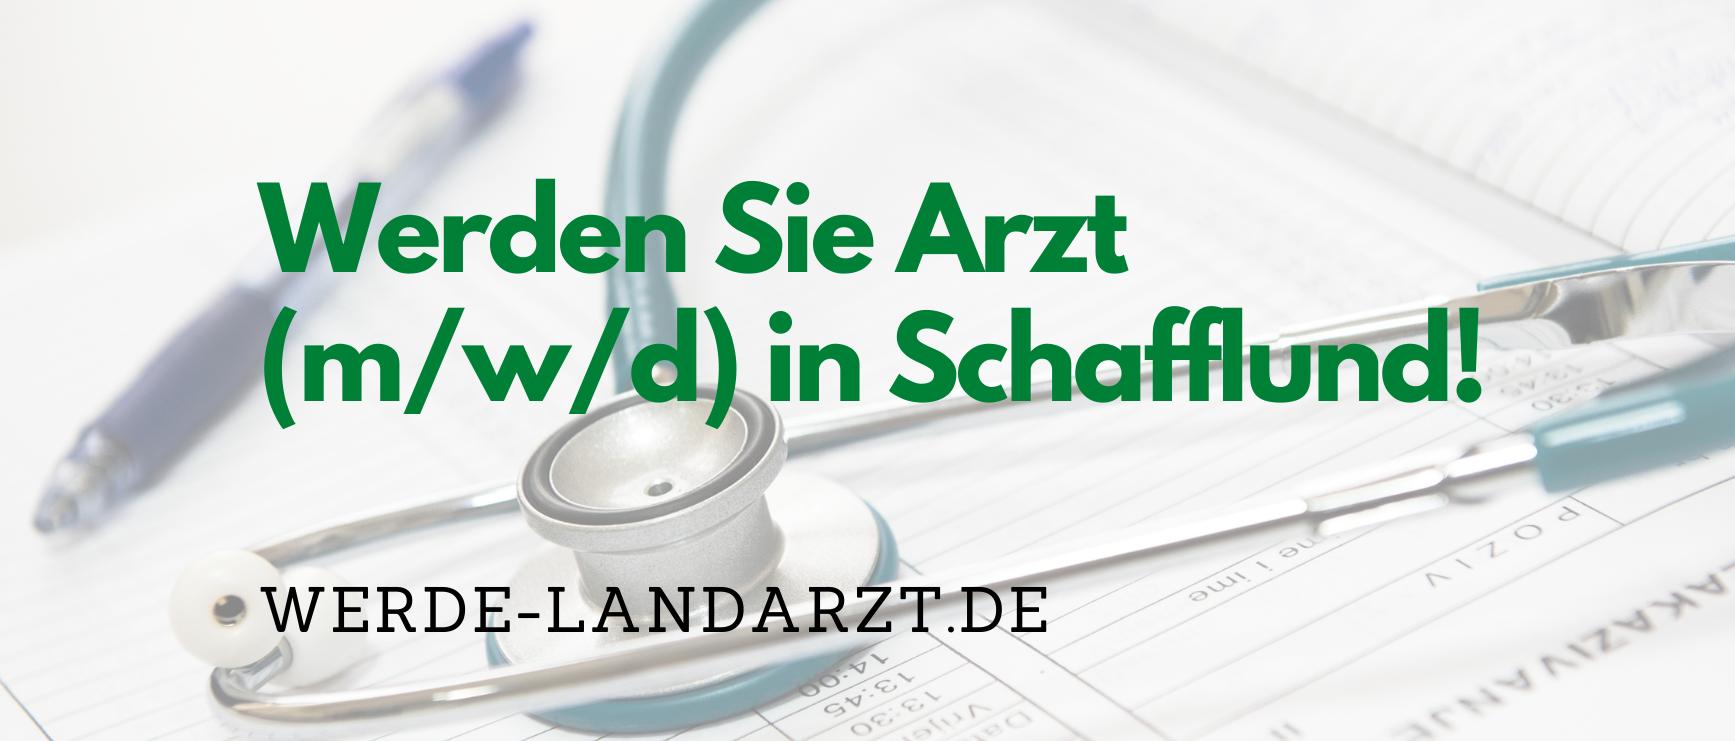 Werden Sie Arzt (mwd) in Schafflund!1